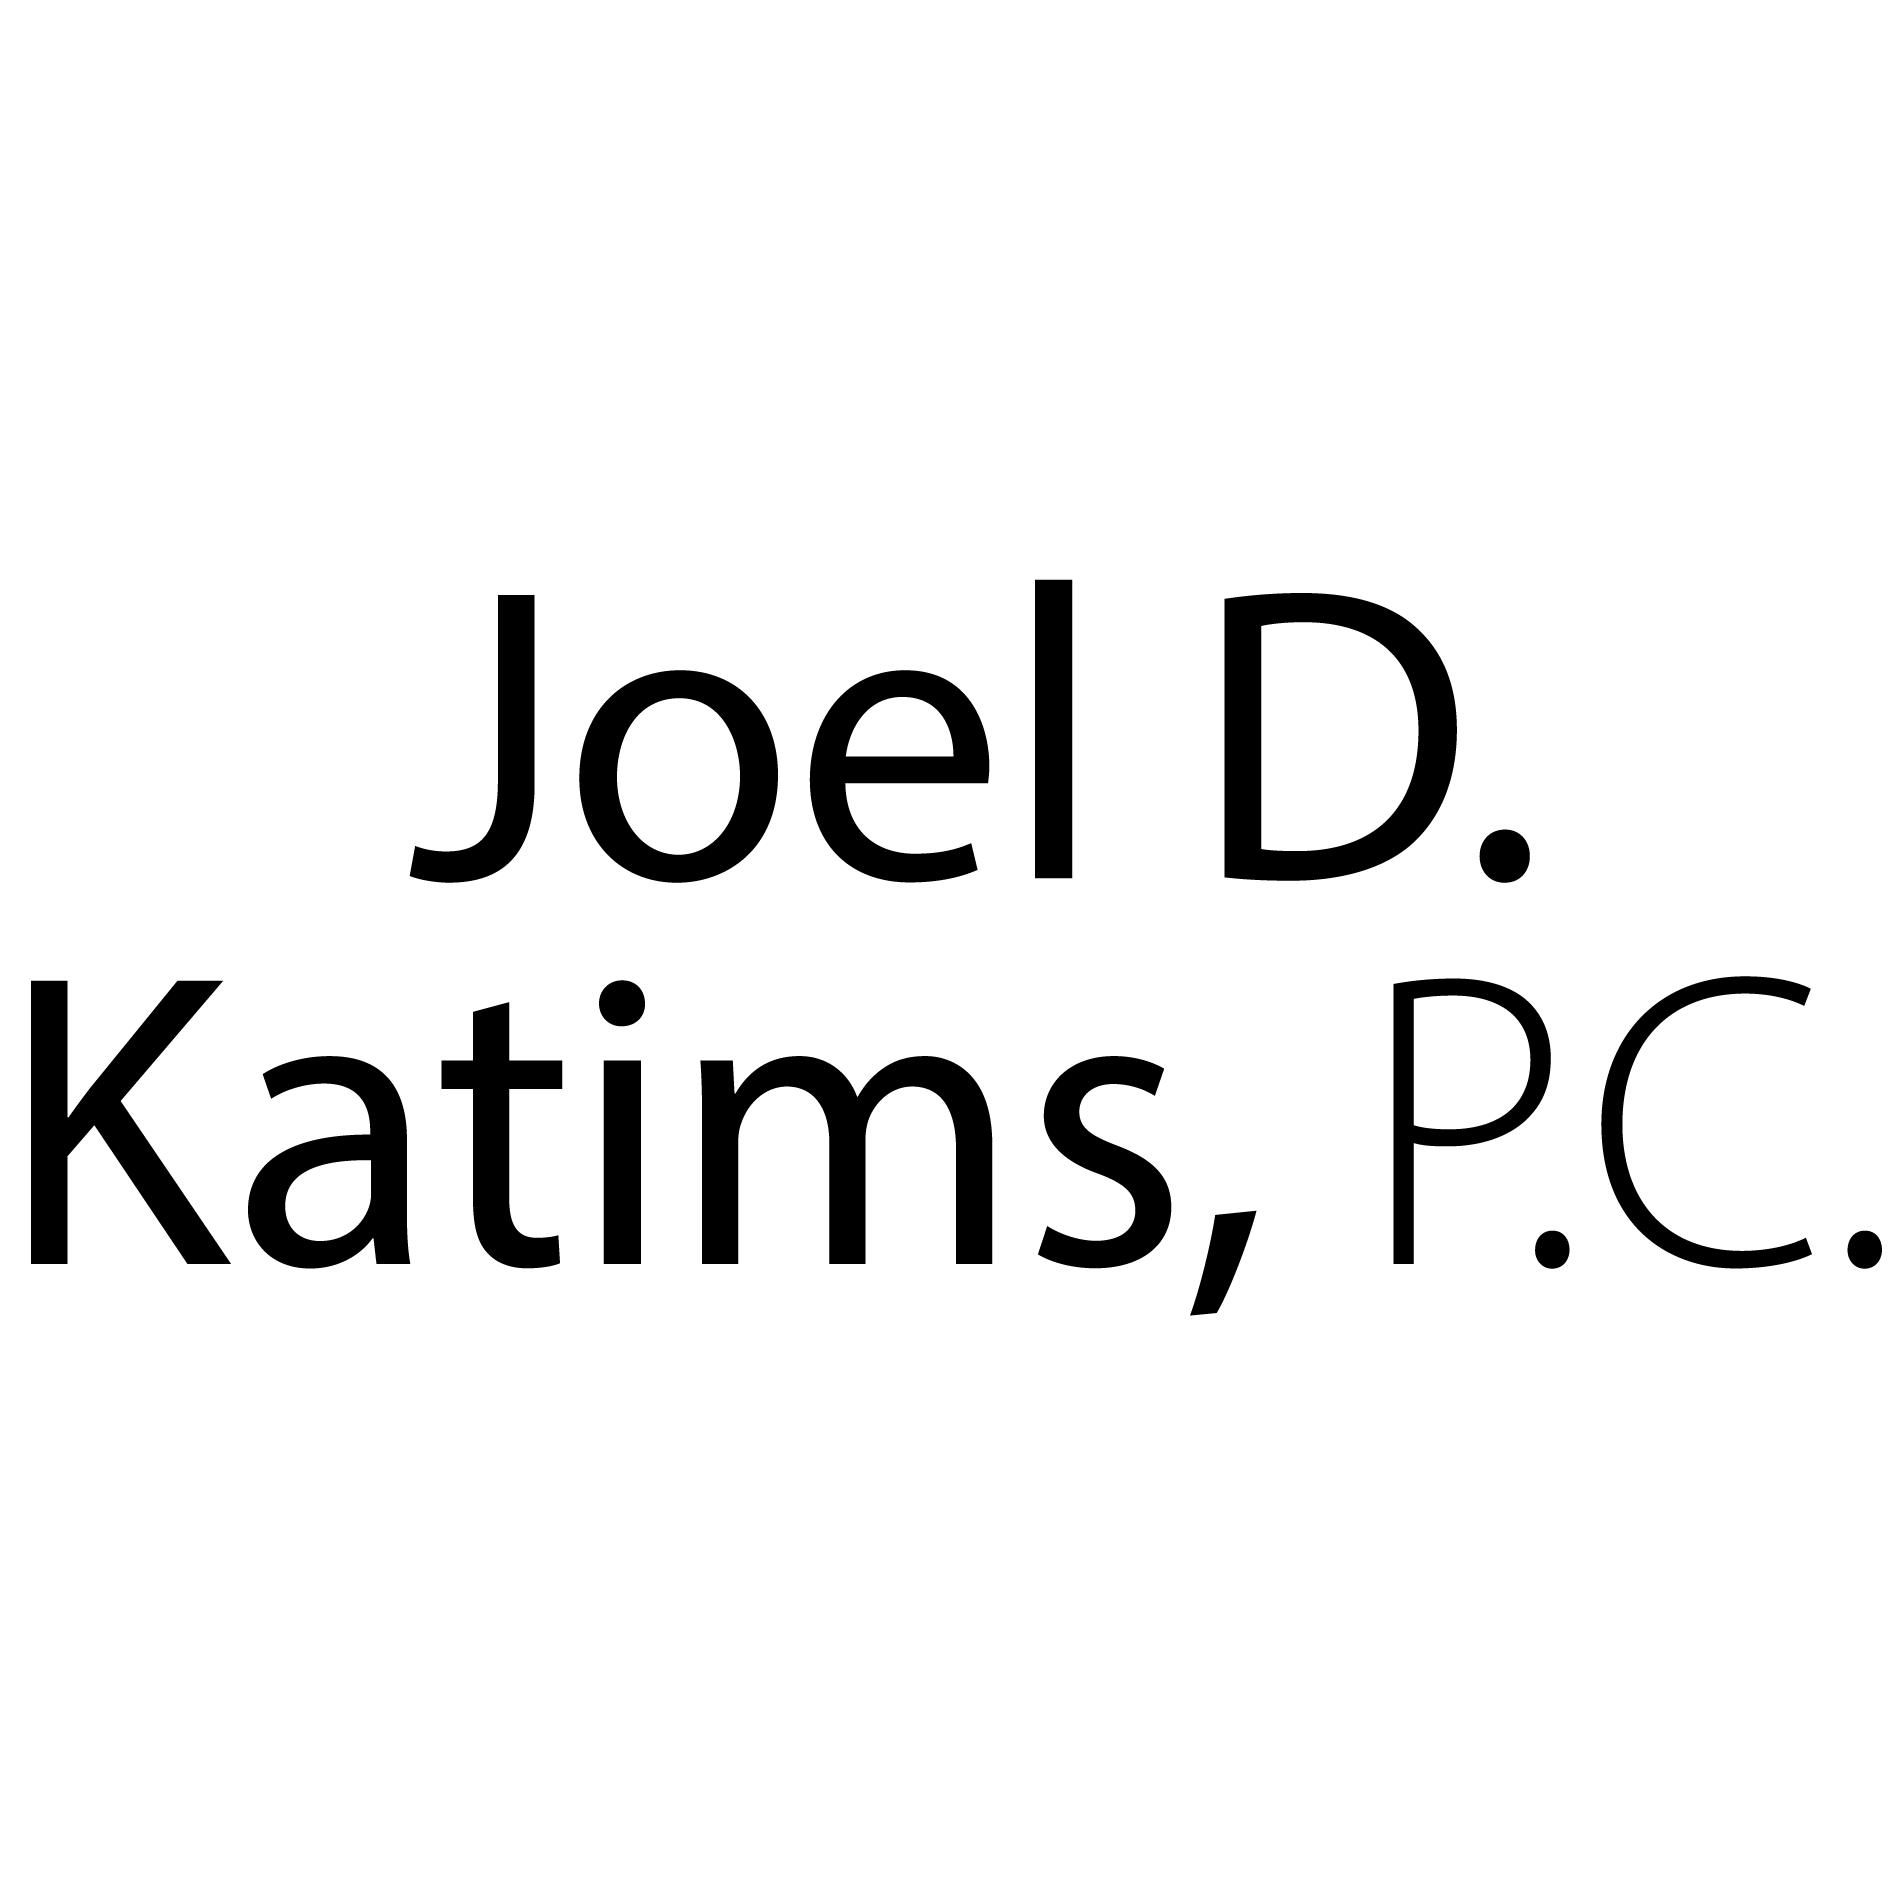 Joel D. Katims, P.C. image 0